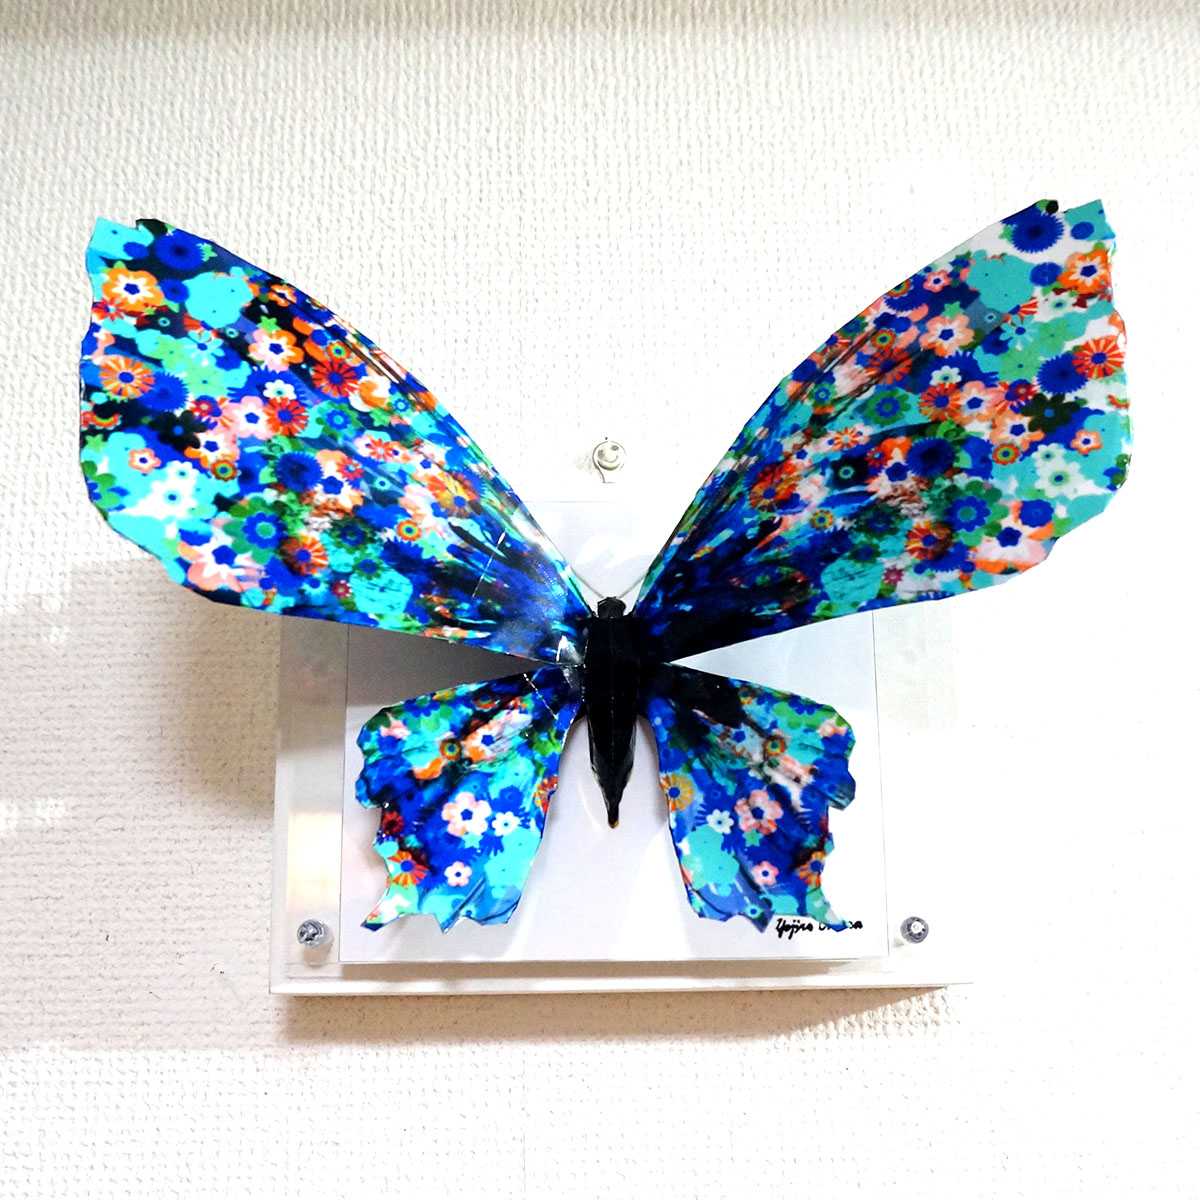 「ブルーフラワーの蝶は羽を広げる」